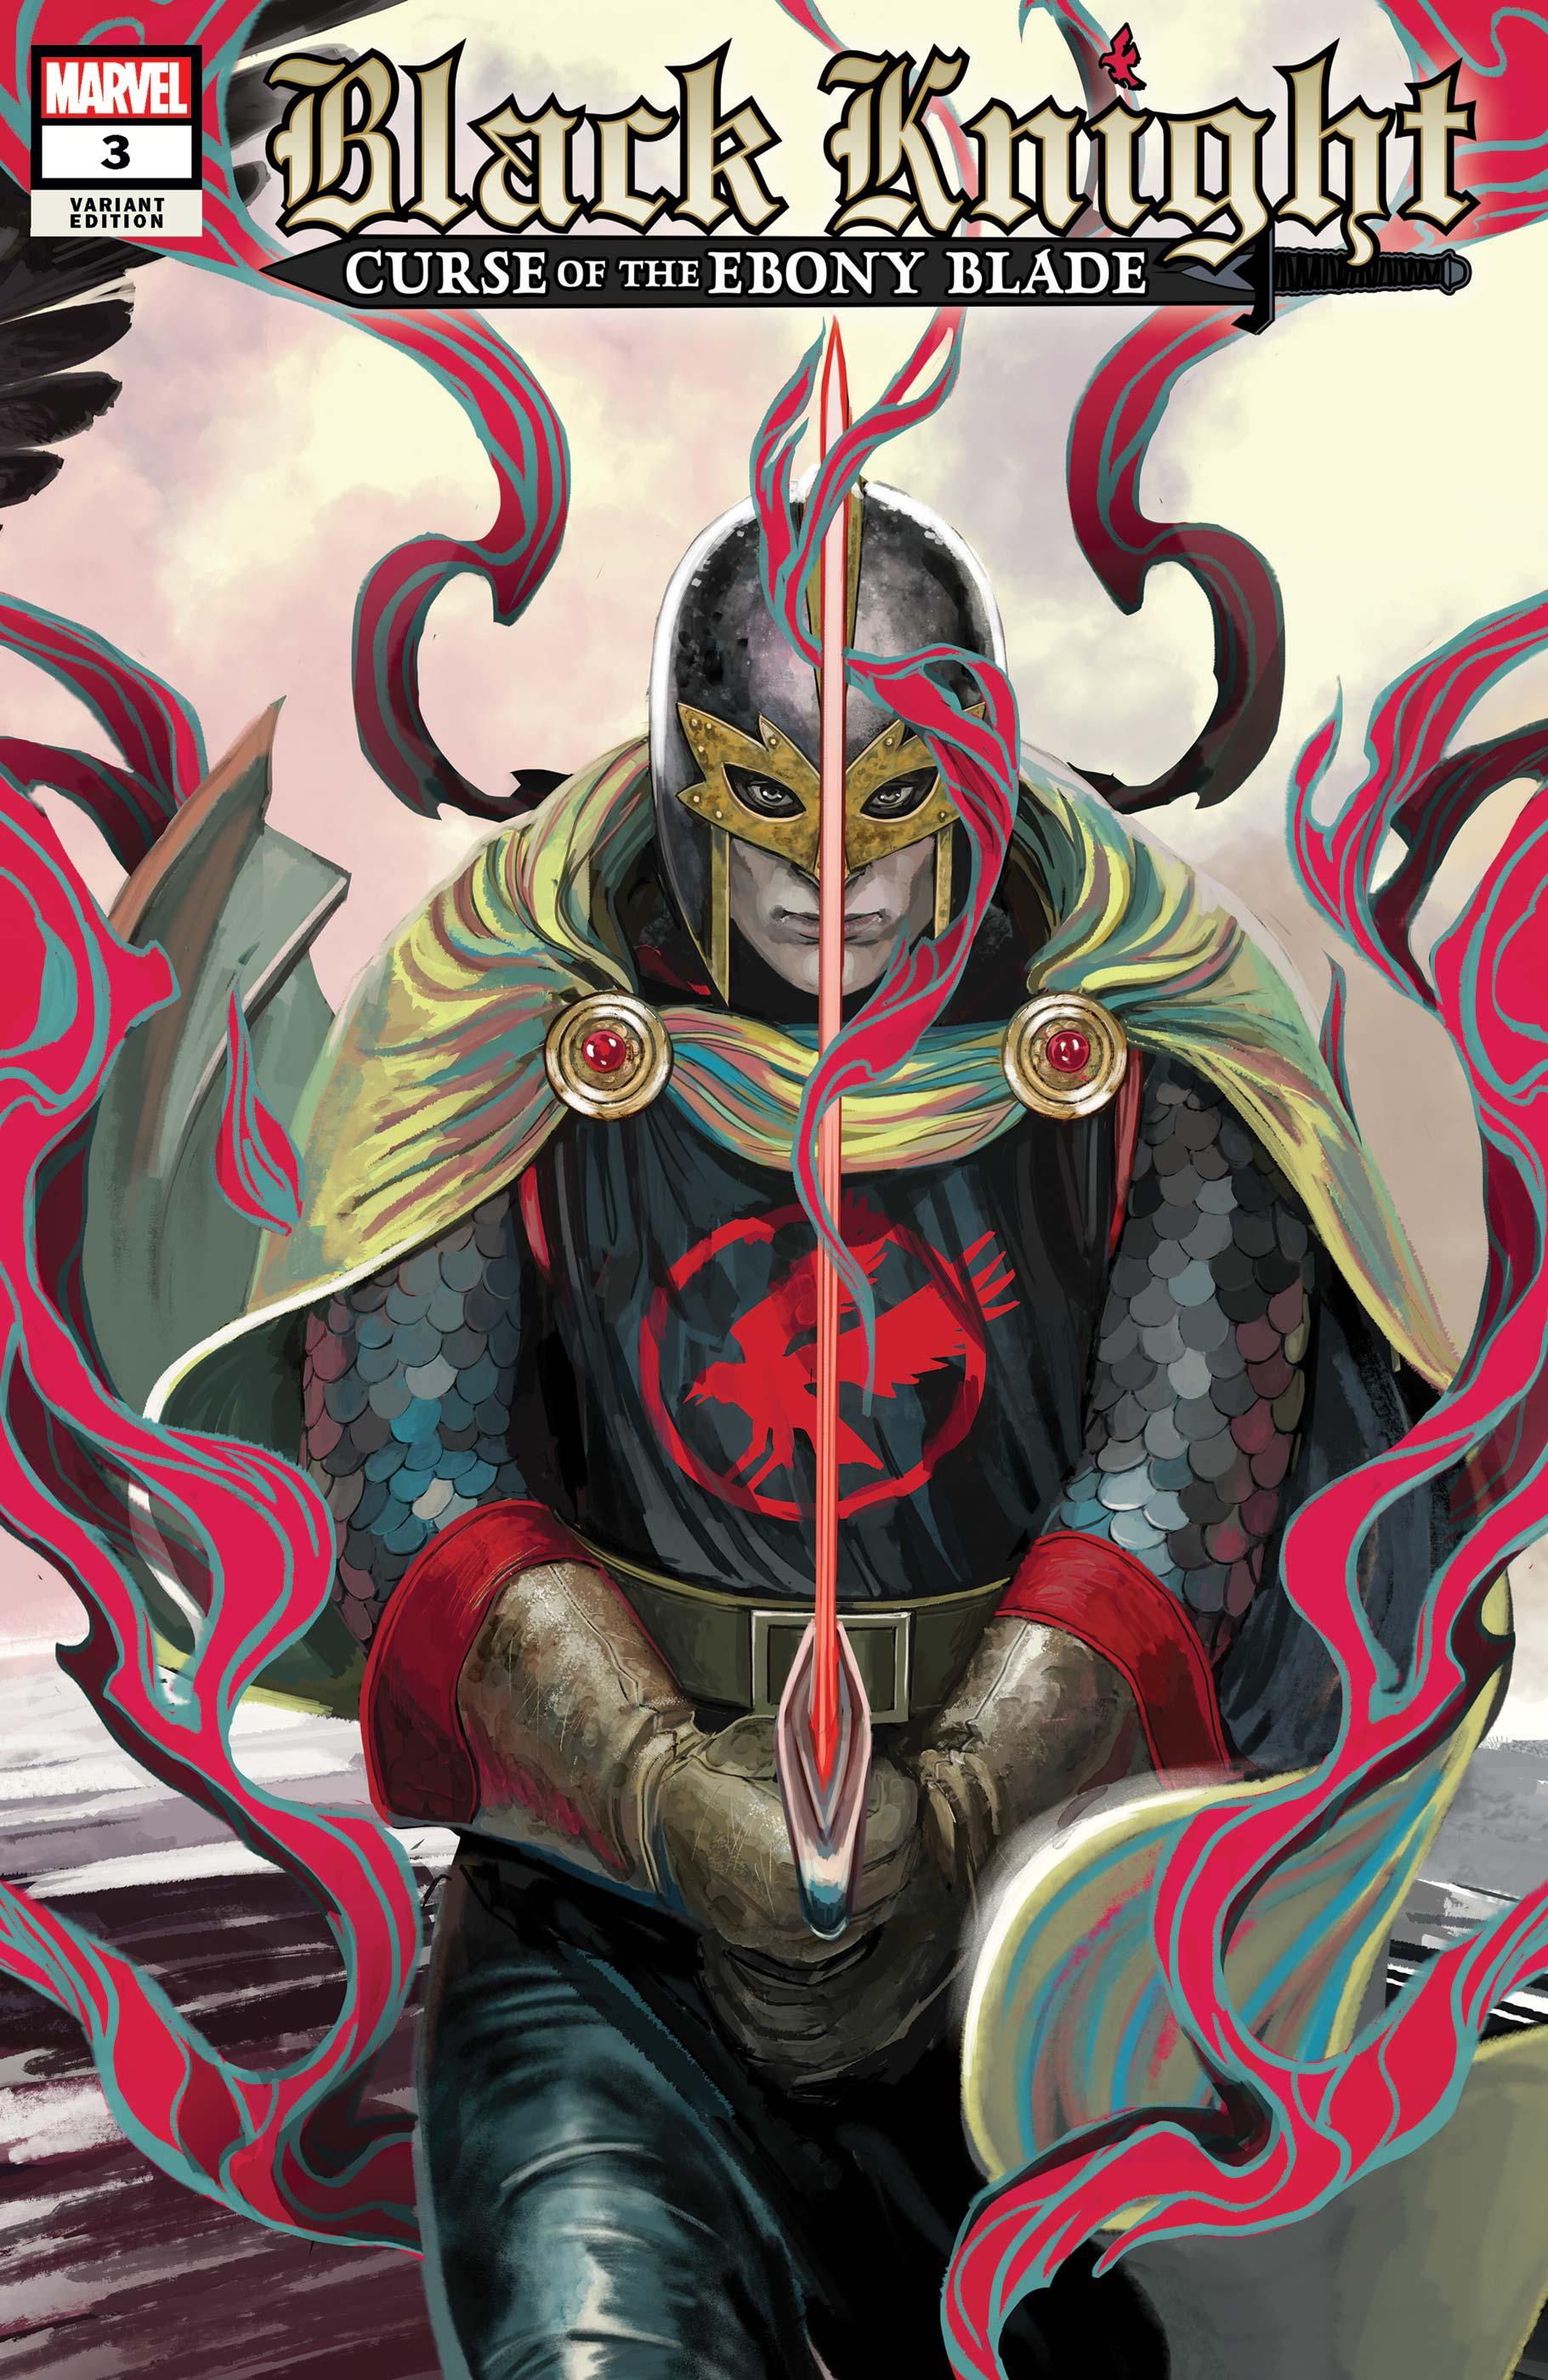 Black Knight: Curse of the Ebony Blade (2021) #3 (Variant)